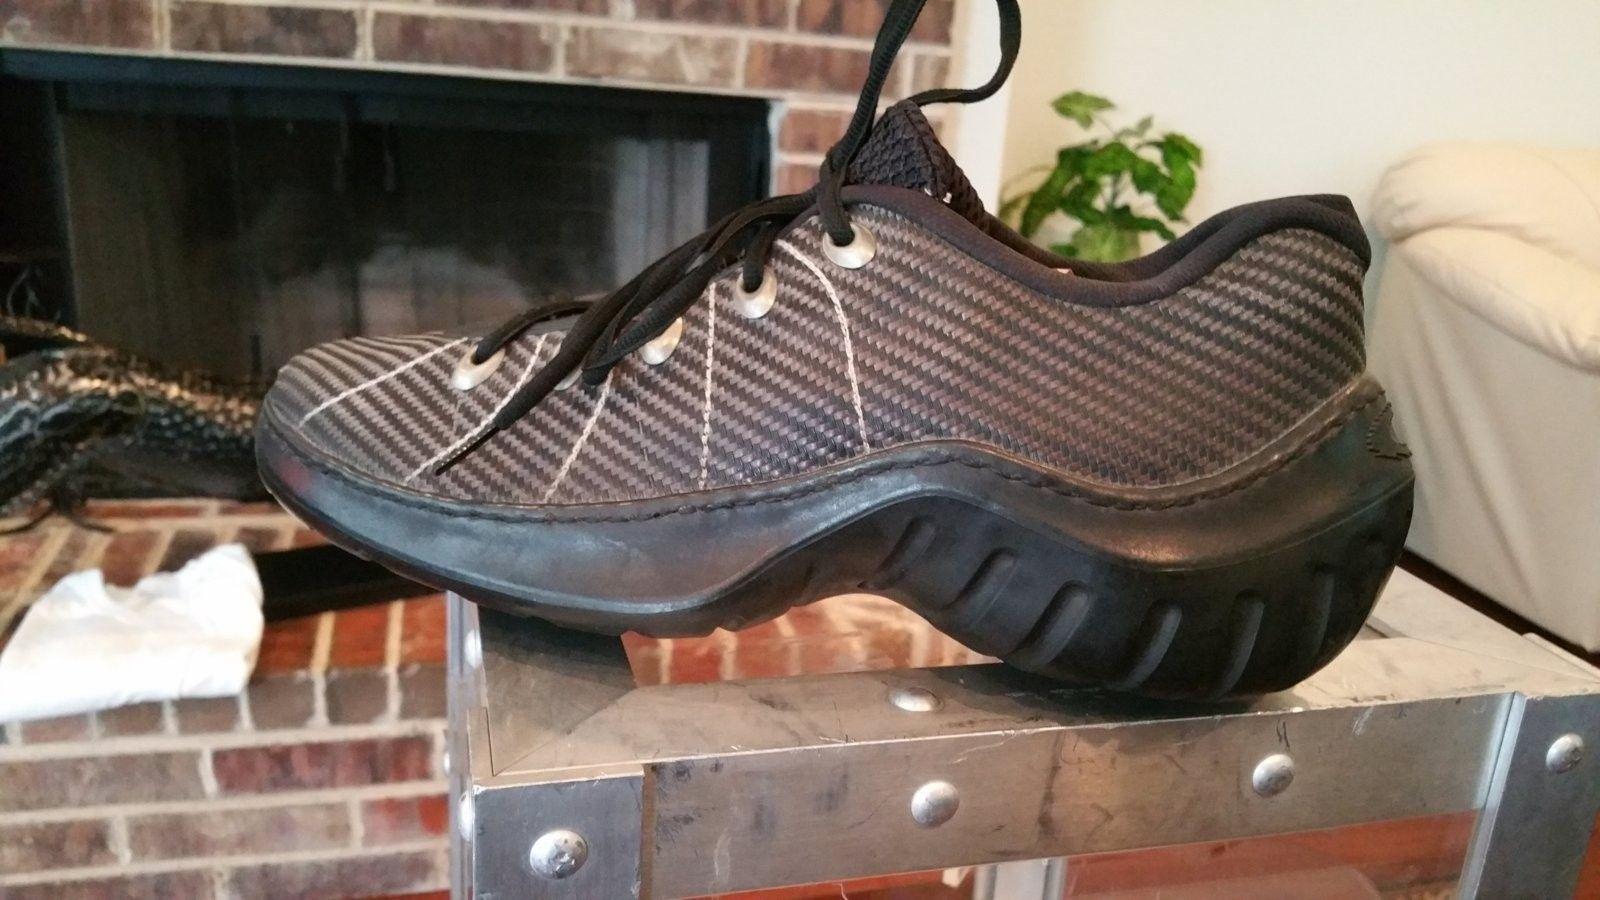 Oakley shoe one 12.5us size - 20160518_154755.jpg